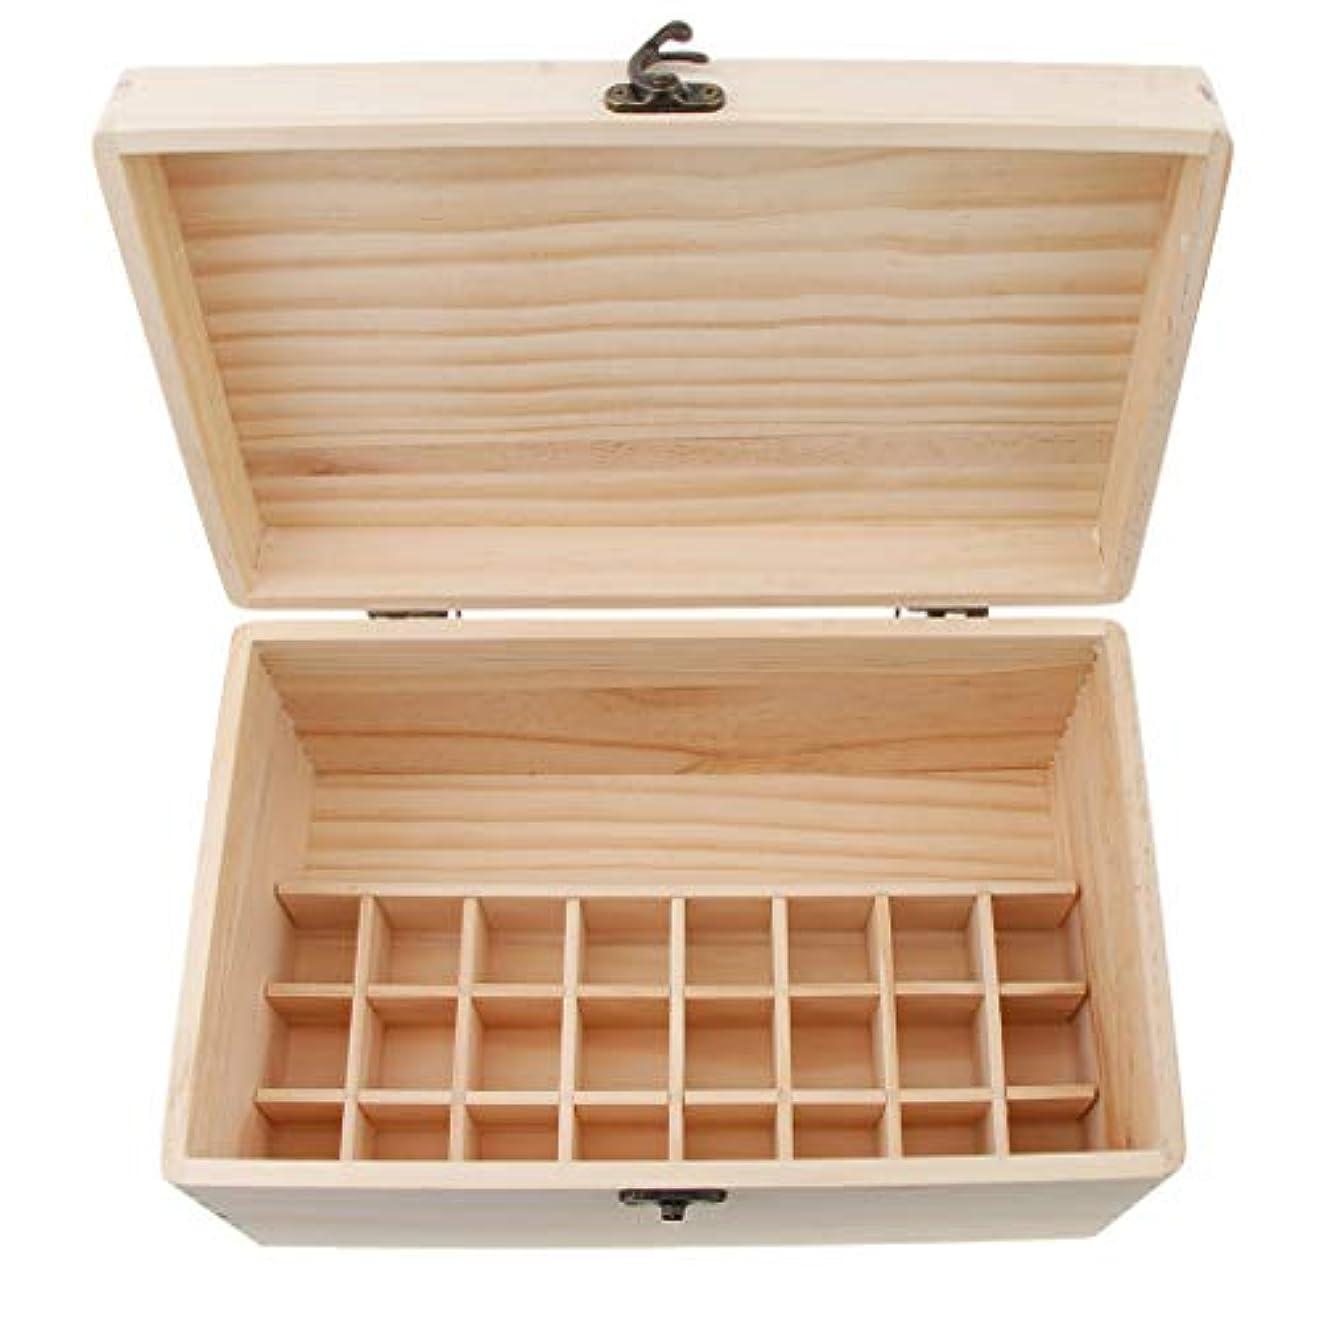 スリンク朝の体操をするコンデンサーエッセンシャルオイル 木製収納ボックス ディスプレイ キャリーケース オーガナイザーホールド 32本